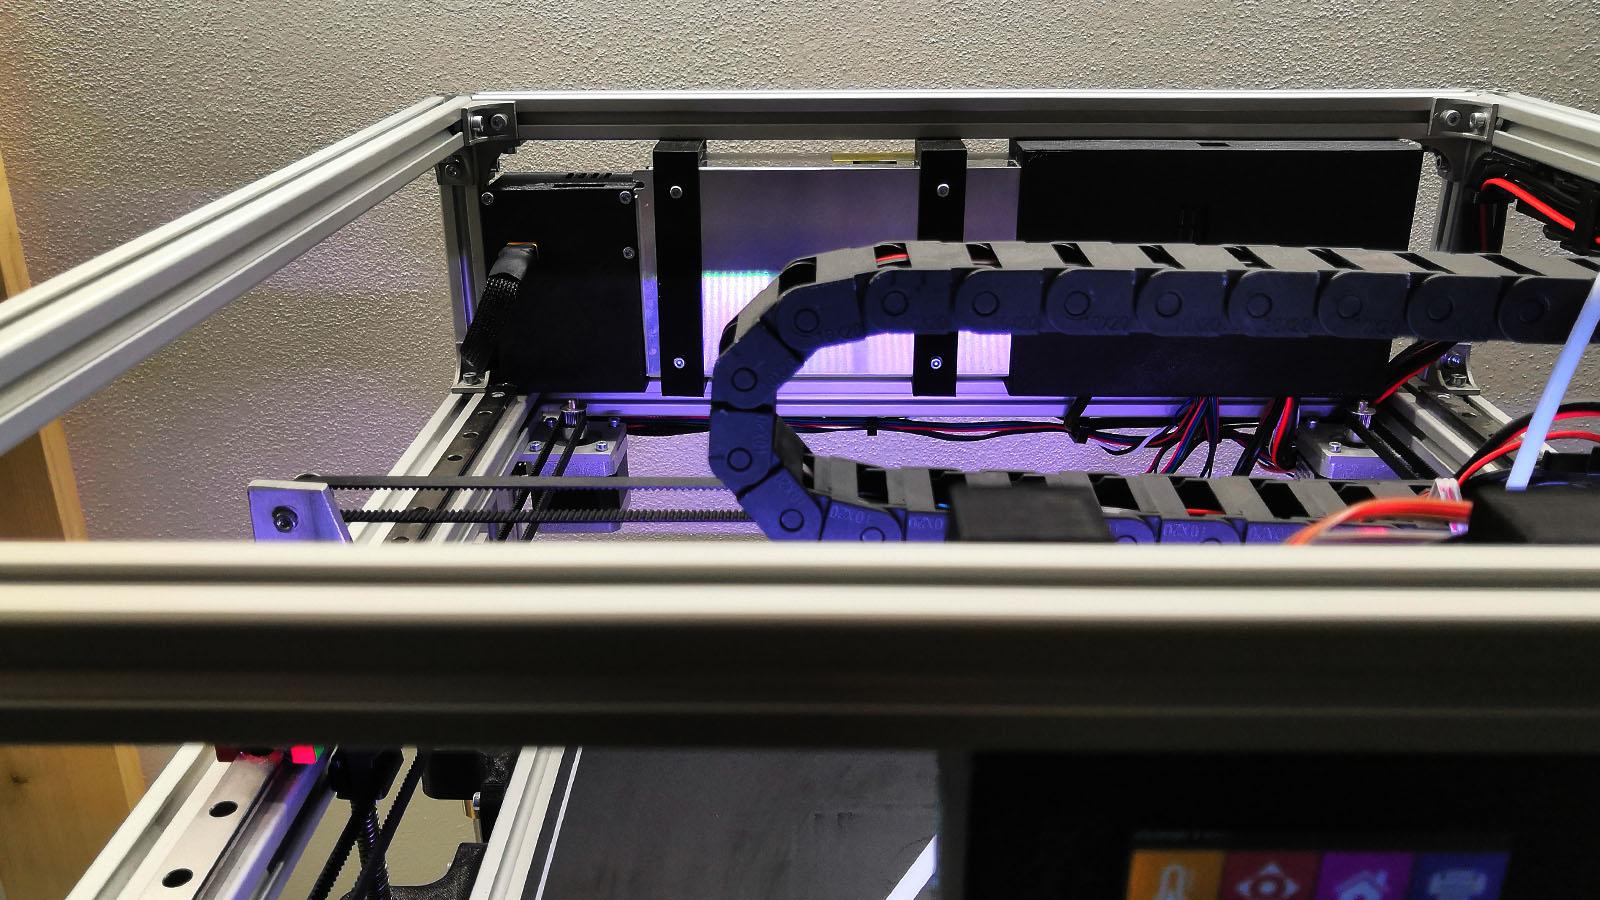 Umístění UPS záložního zdroje na 3D tiakárně